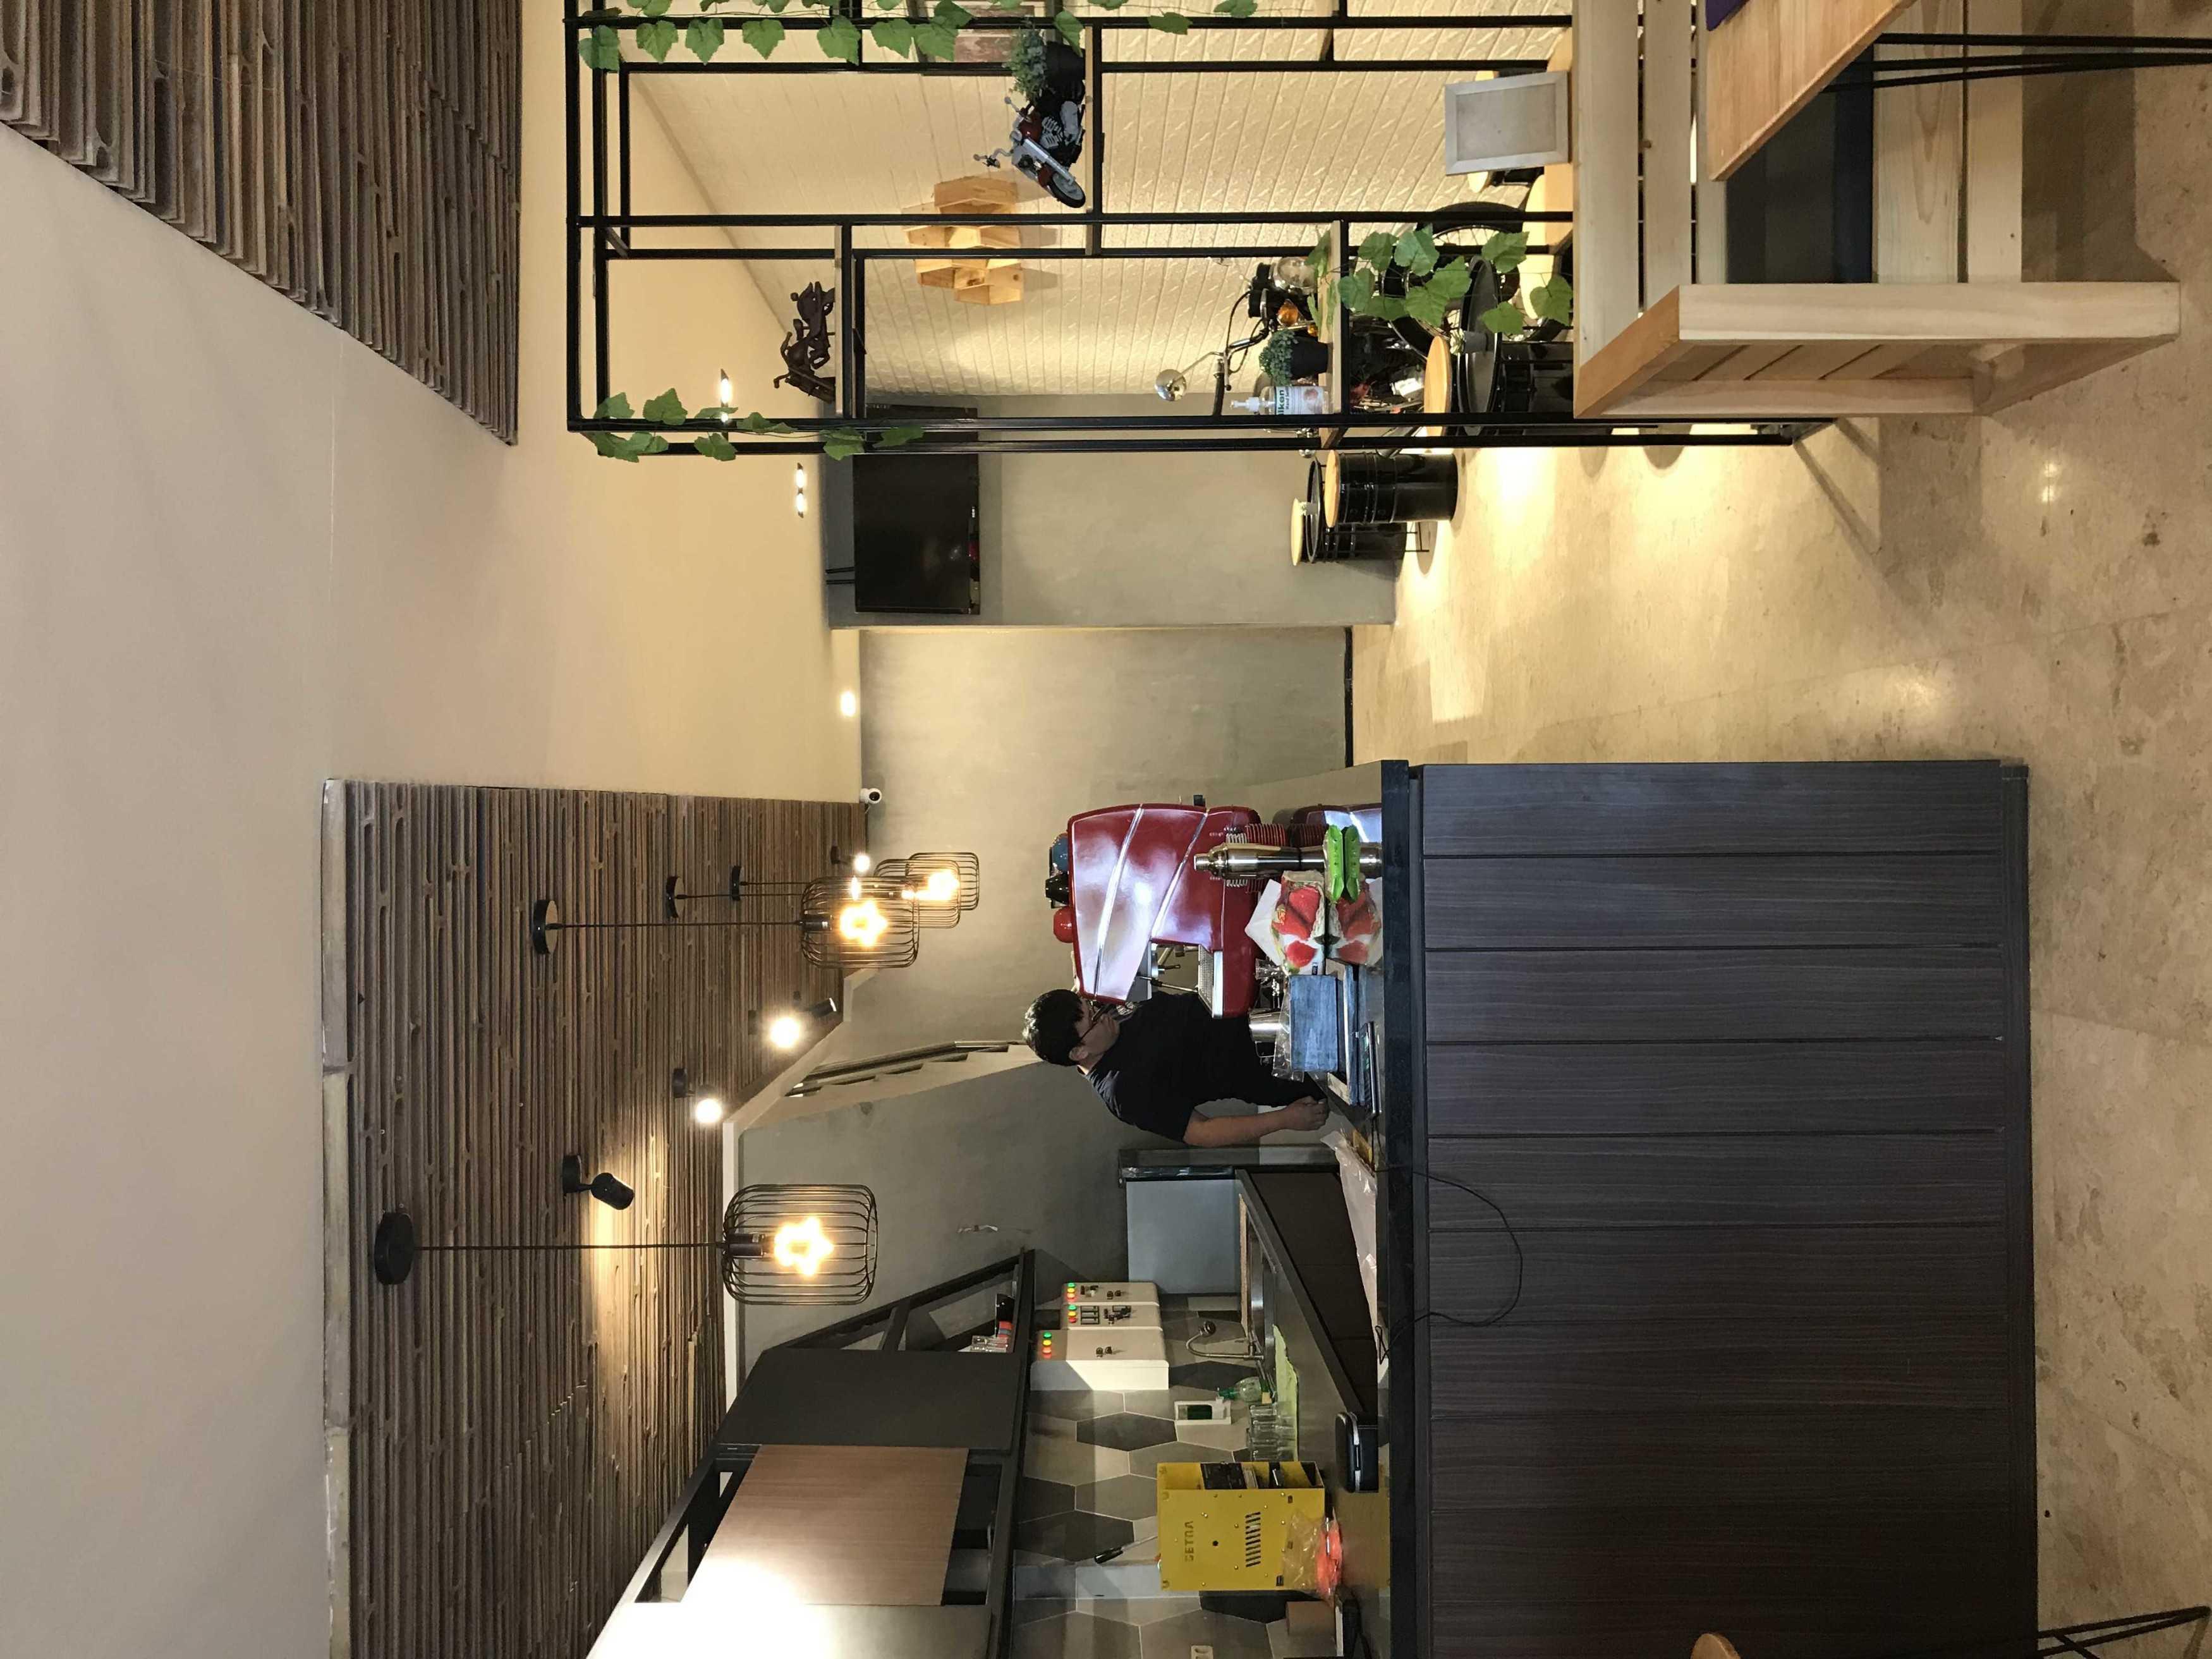 Yulianto Gunawan Basecamp Cafe Surabaya, Kota Sby, Jawa Timur, Indonesia Surabaya, Kota Sby, Jawa Timur, Indonesia Yulianto-Gunawan-Basecamp-Cafe   129051